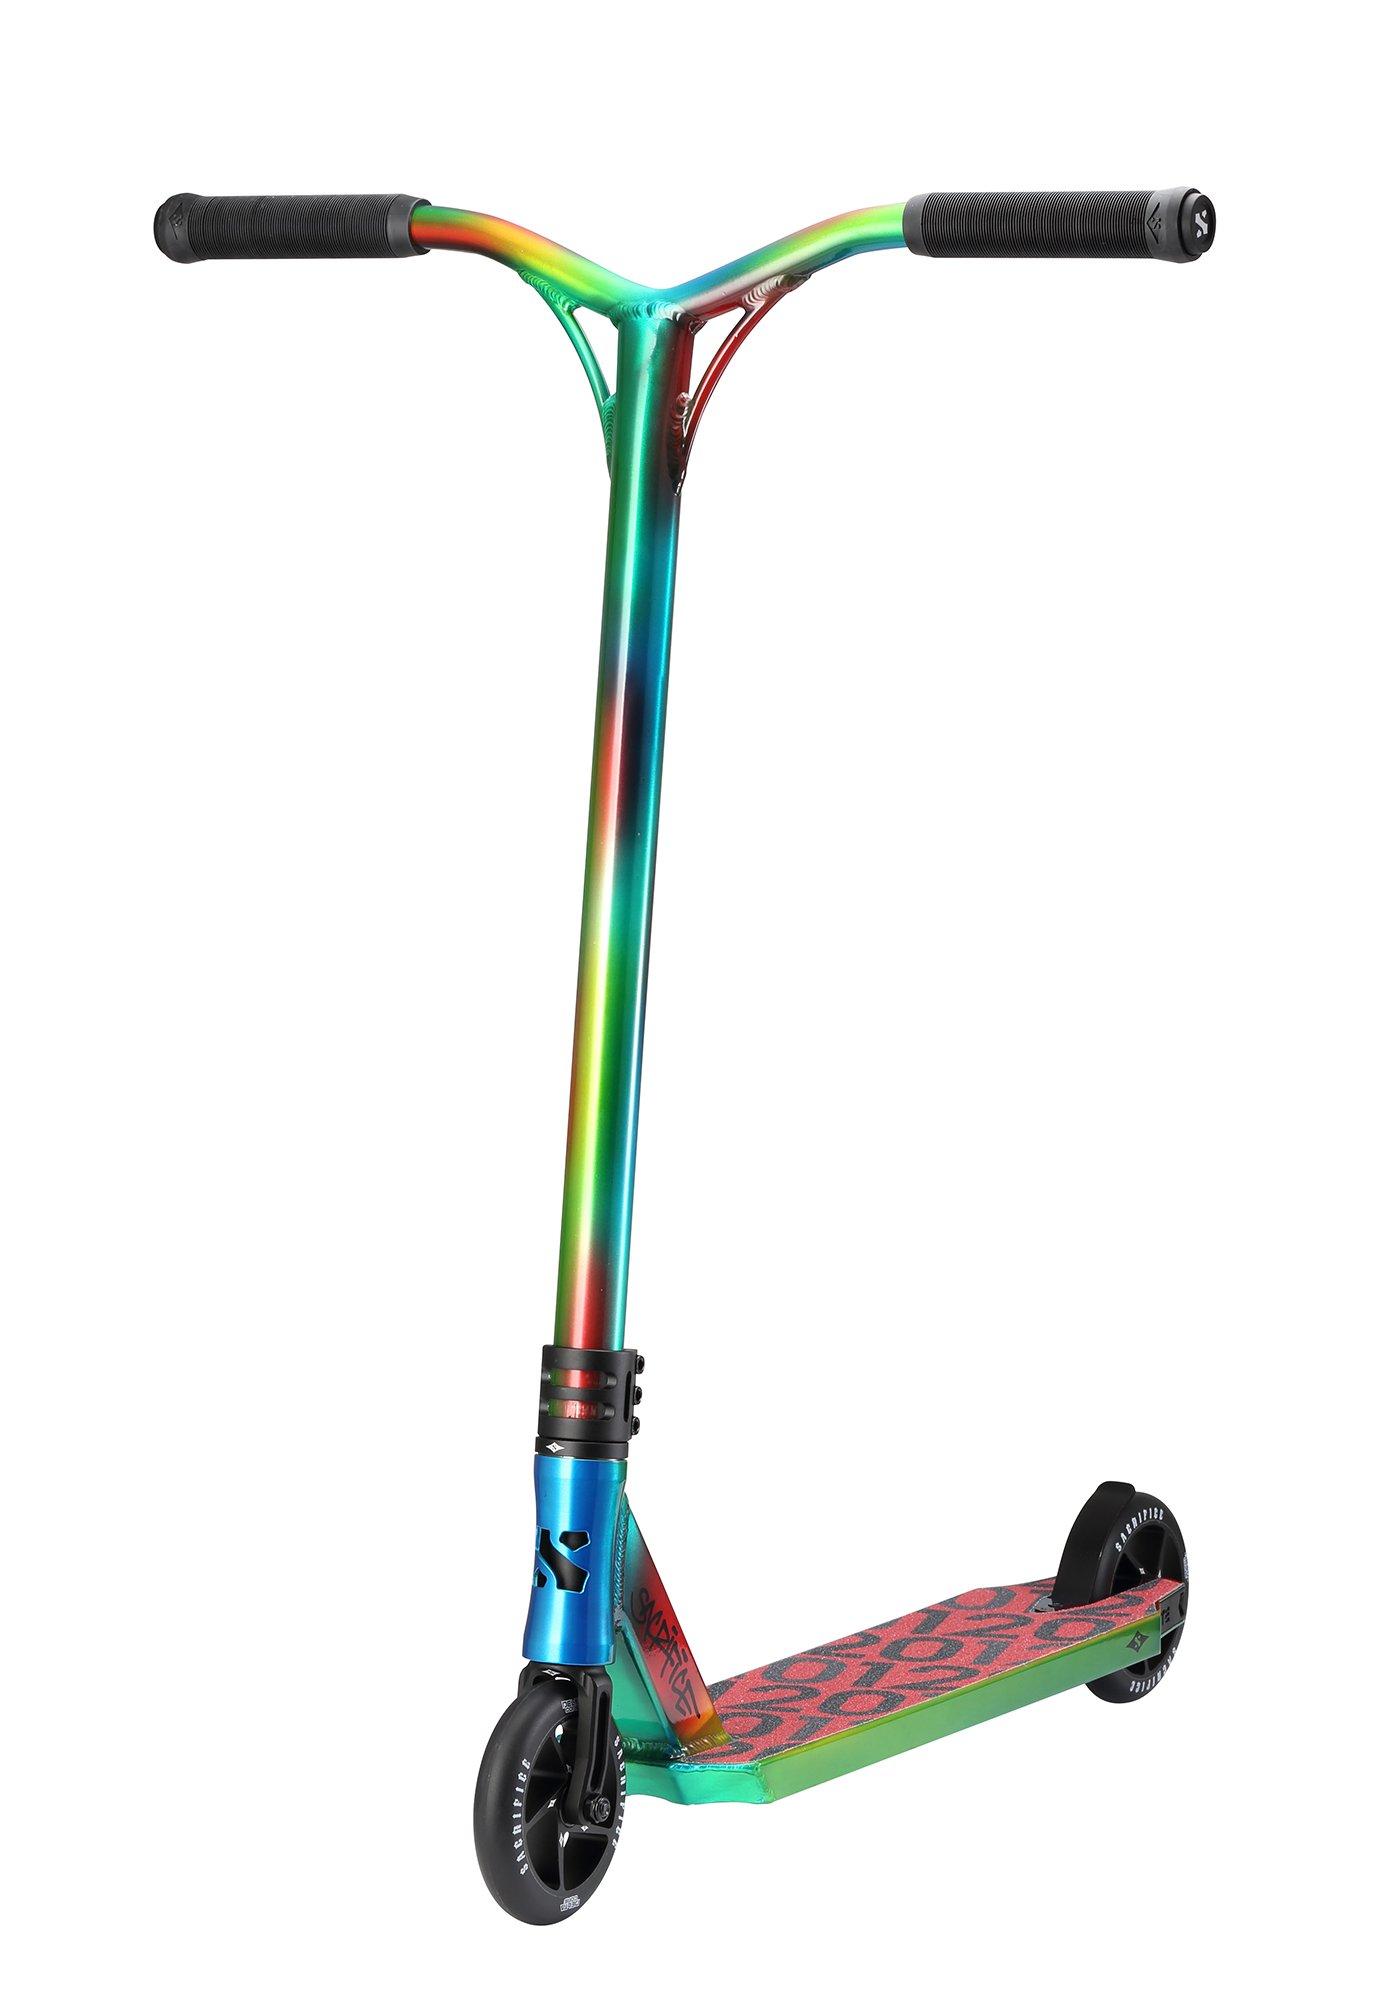 Sacrifice Flyte 120 Pro Scooter (Lollipop) by Sacrifice